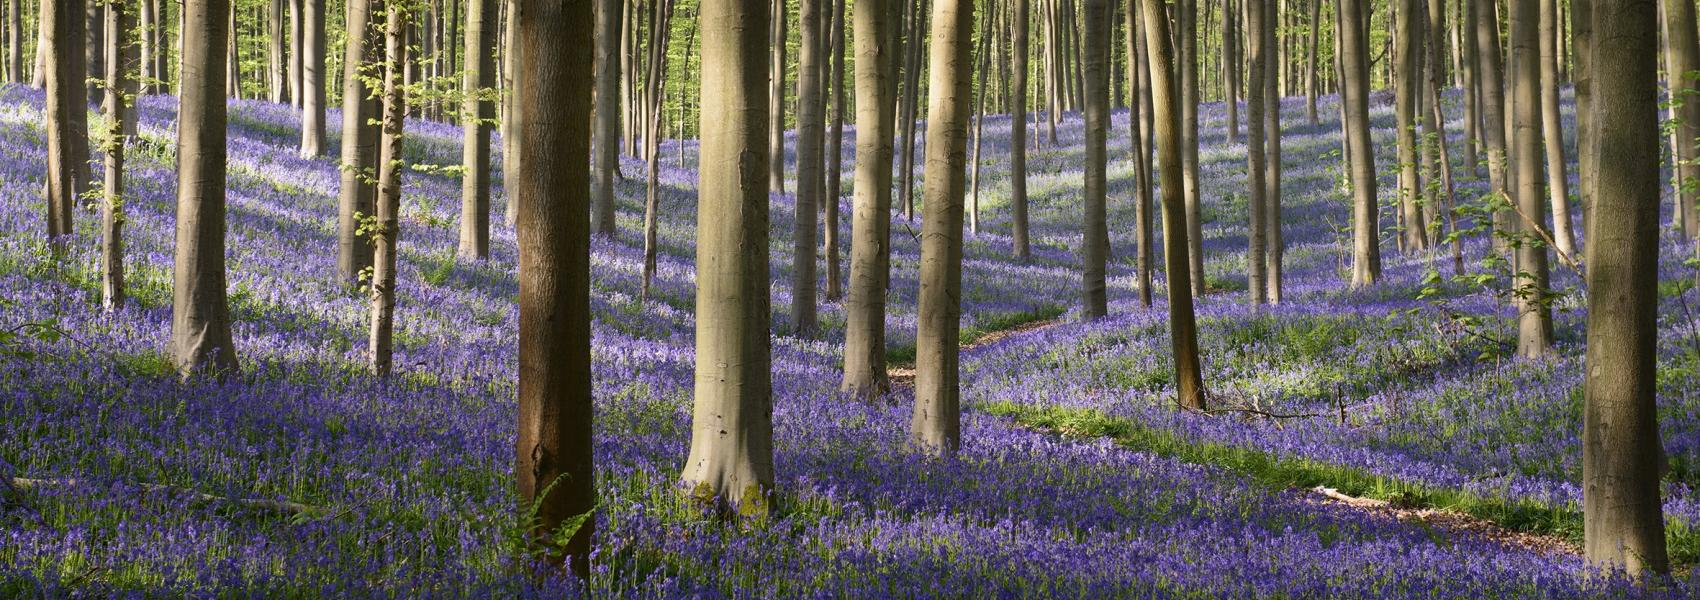 bloemenweide in het bos